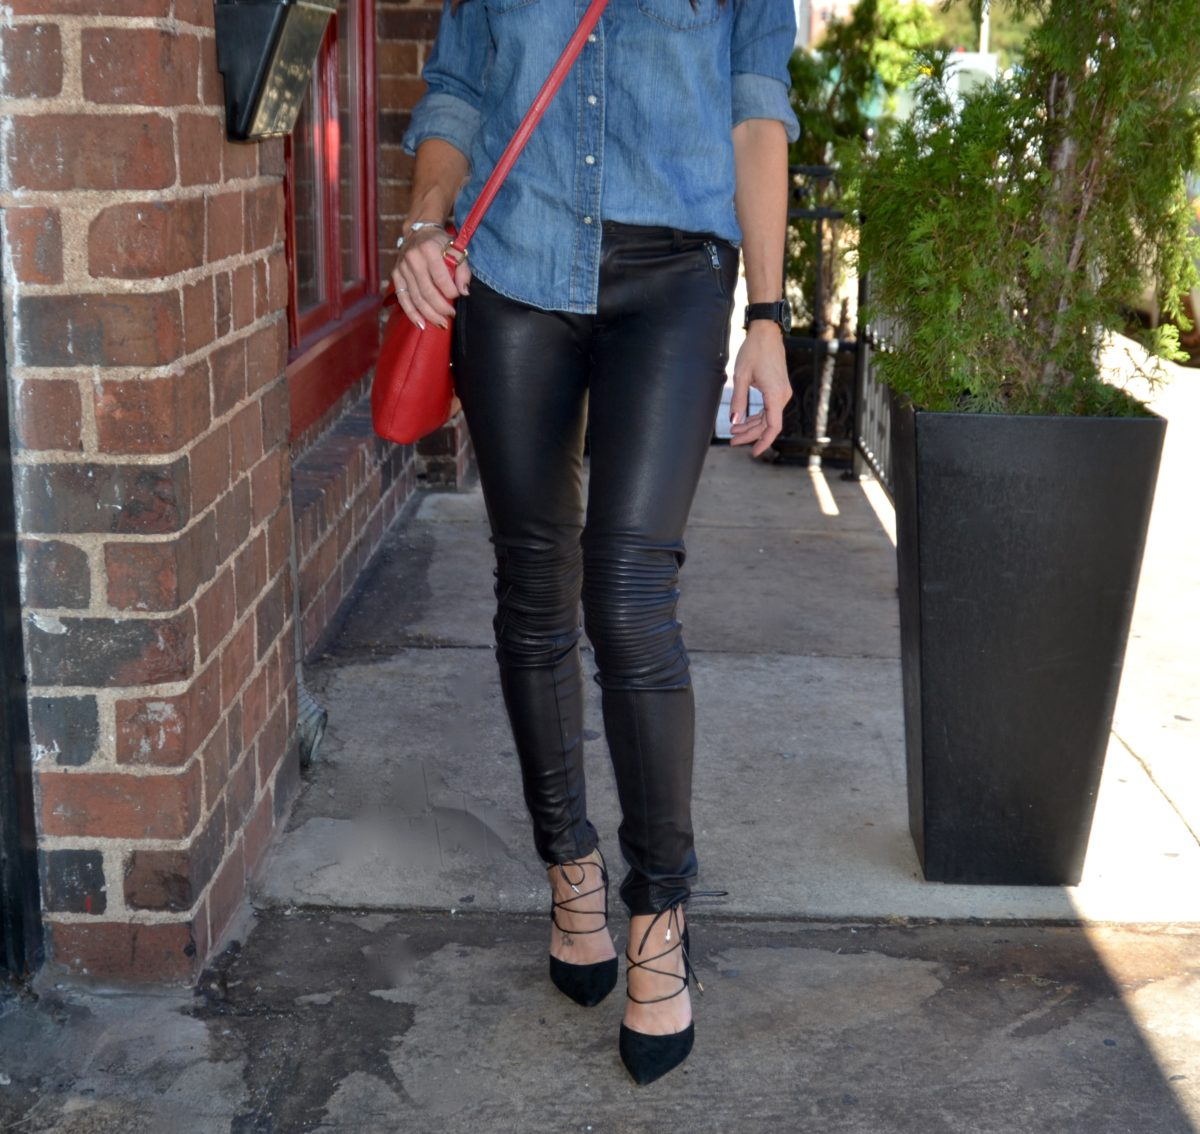 fashion and beauty blog, JennySue Makeup by Jennifer Duvall, leather pants and chambray shirt fashion